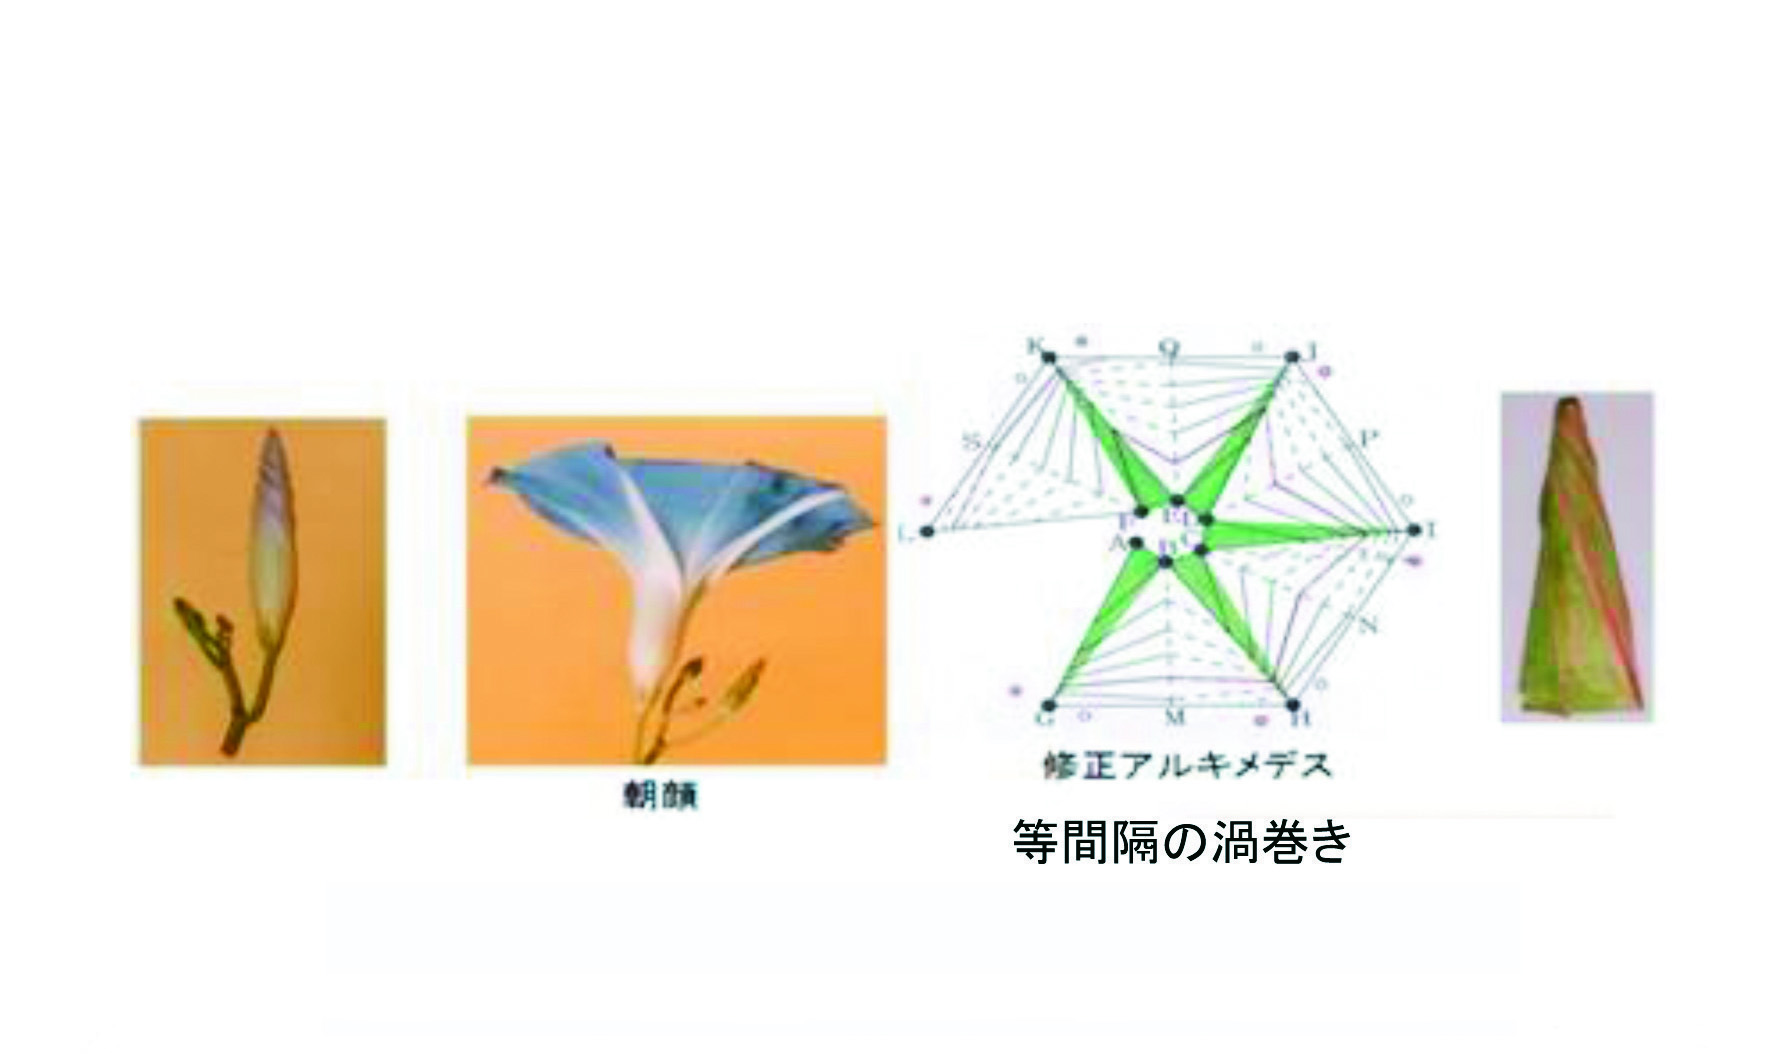 図2-1 アサガオのつぼみのモデル